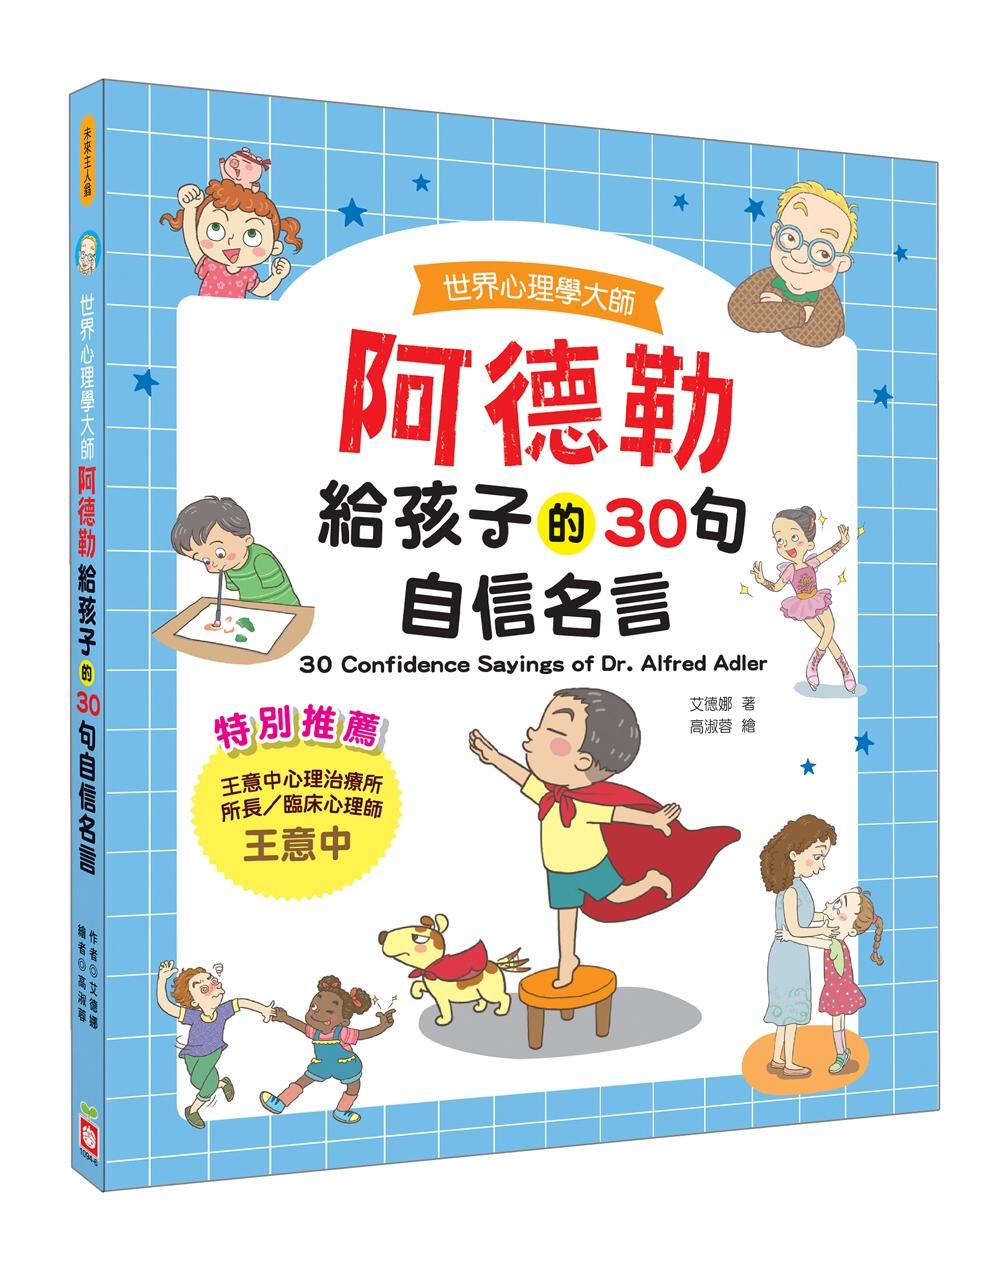 世界心理學大師:阿德勒給孩子的30句自信名言